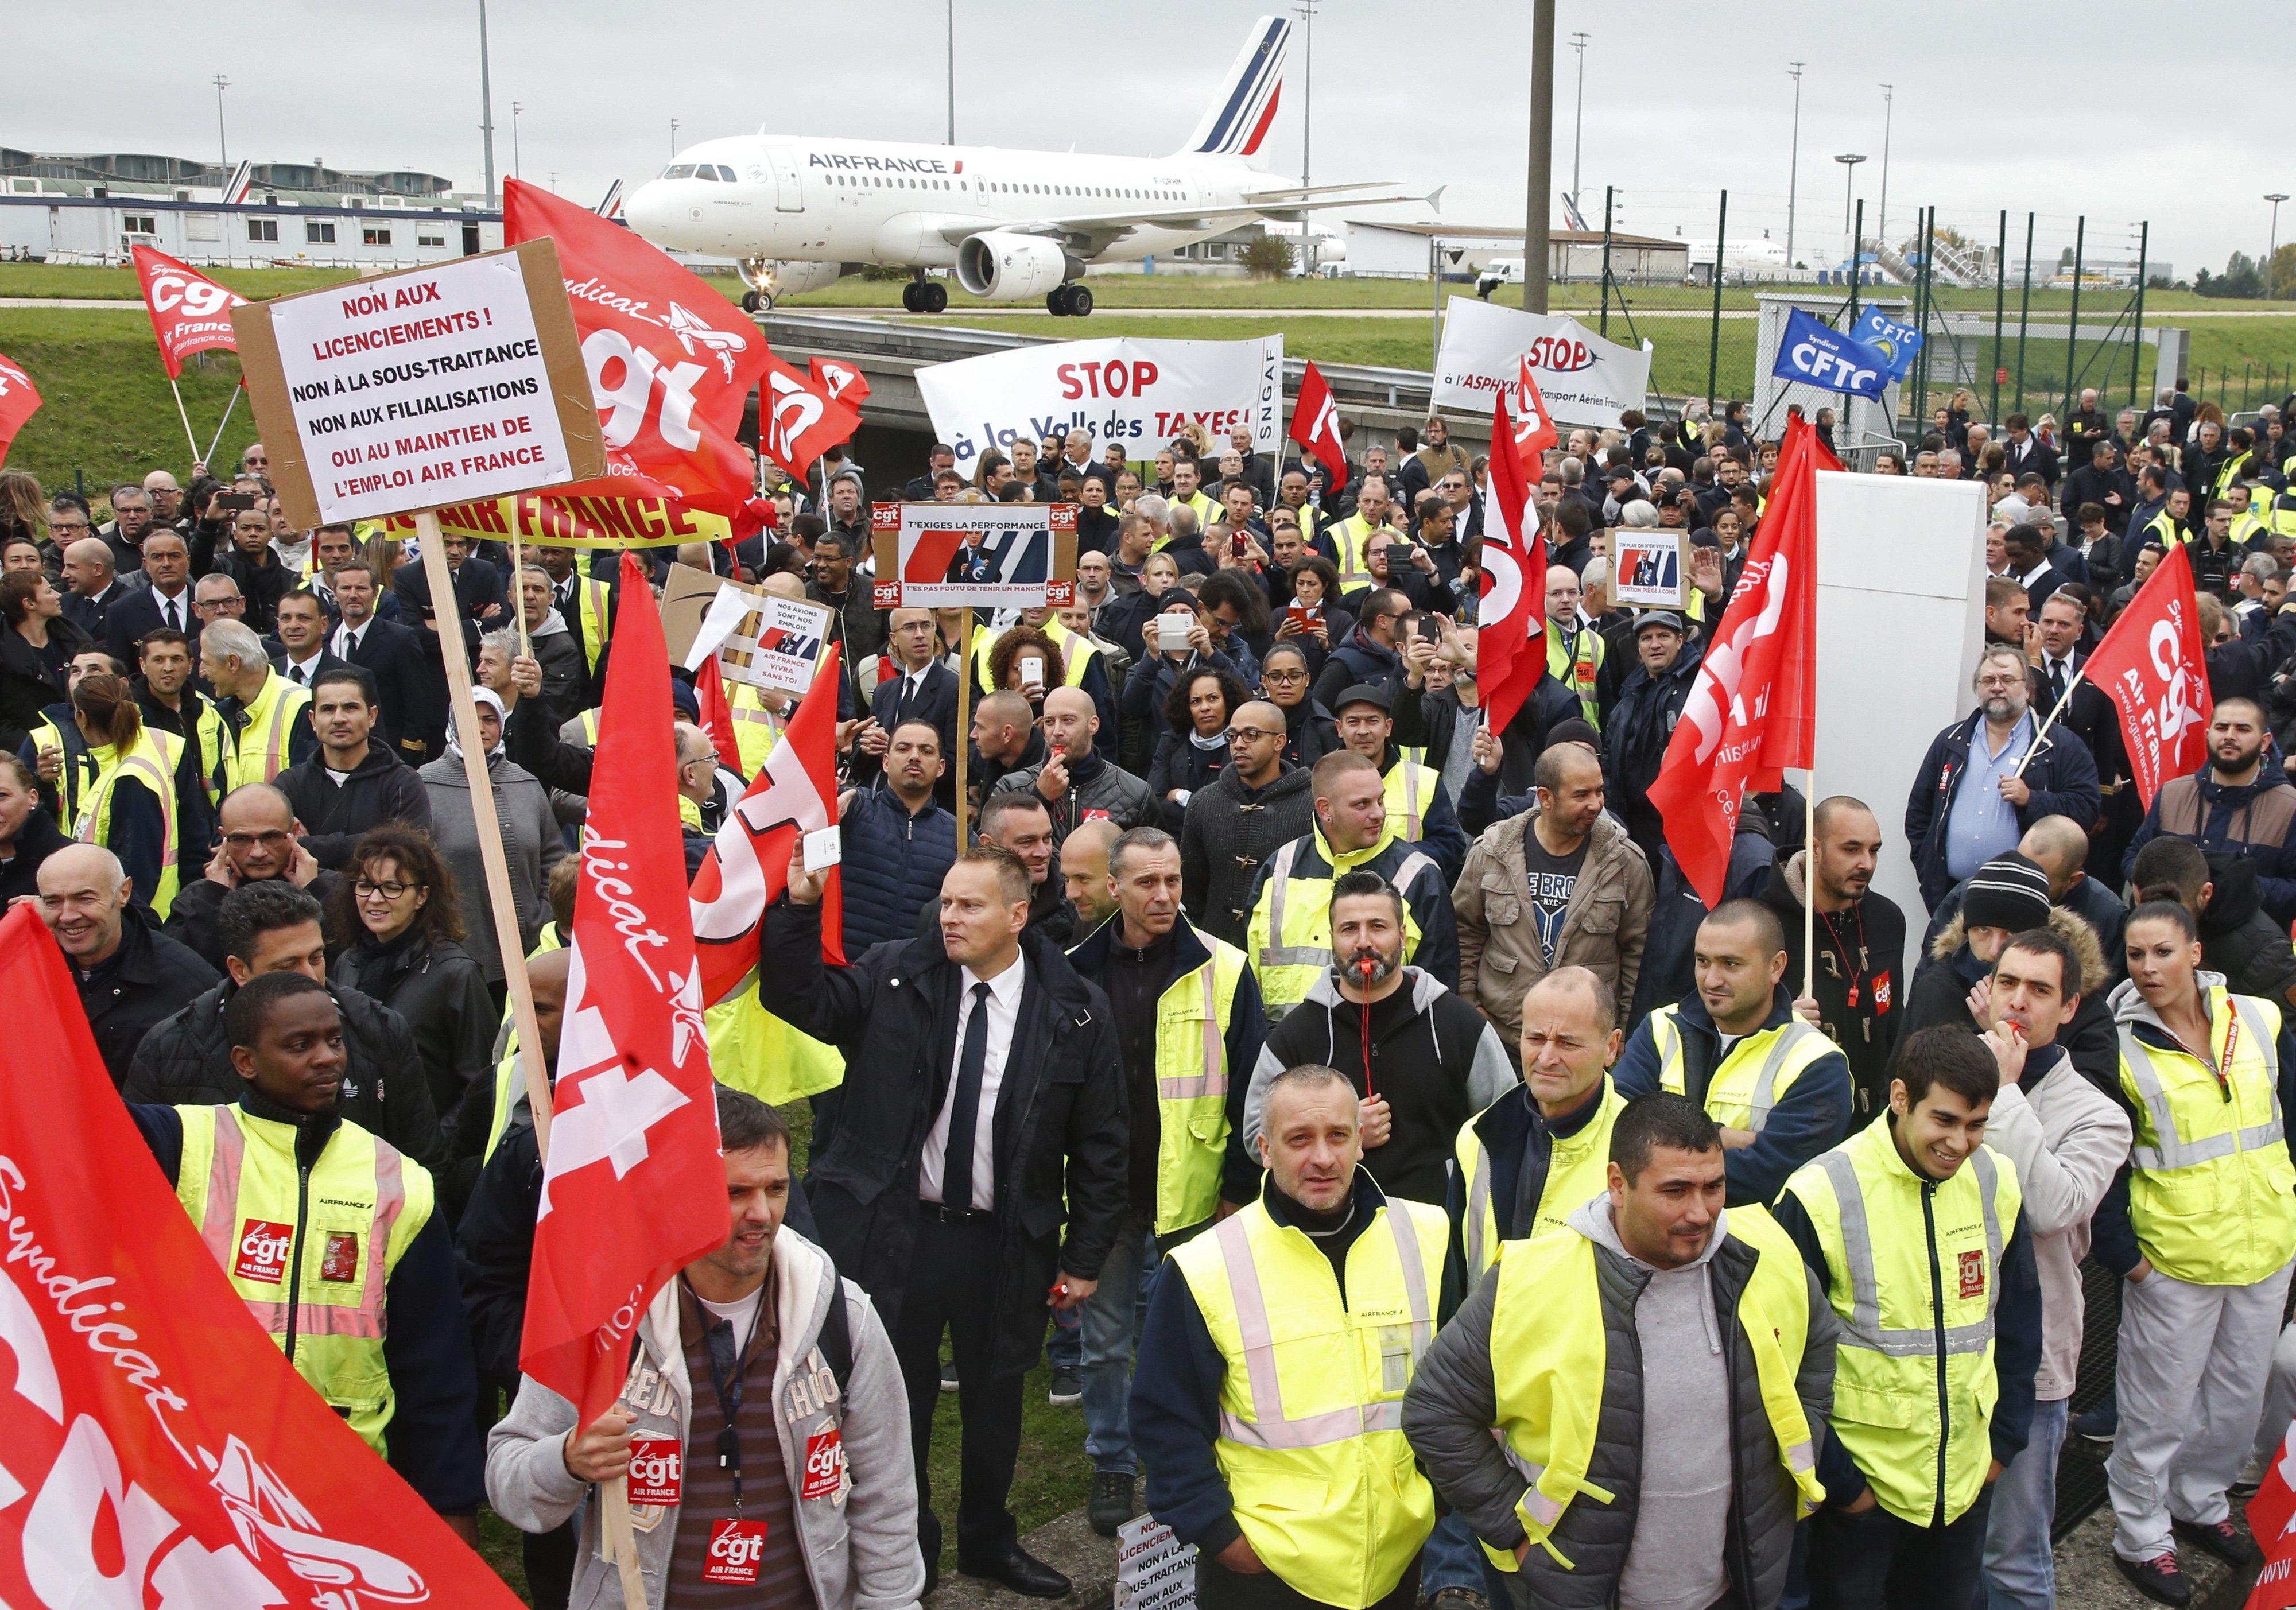 Aucune sanction à Air France ! Boycott de la conférence sociale de Hollande-Valls-Macron !